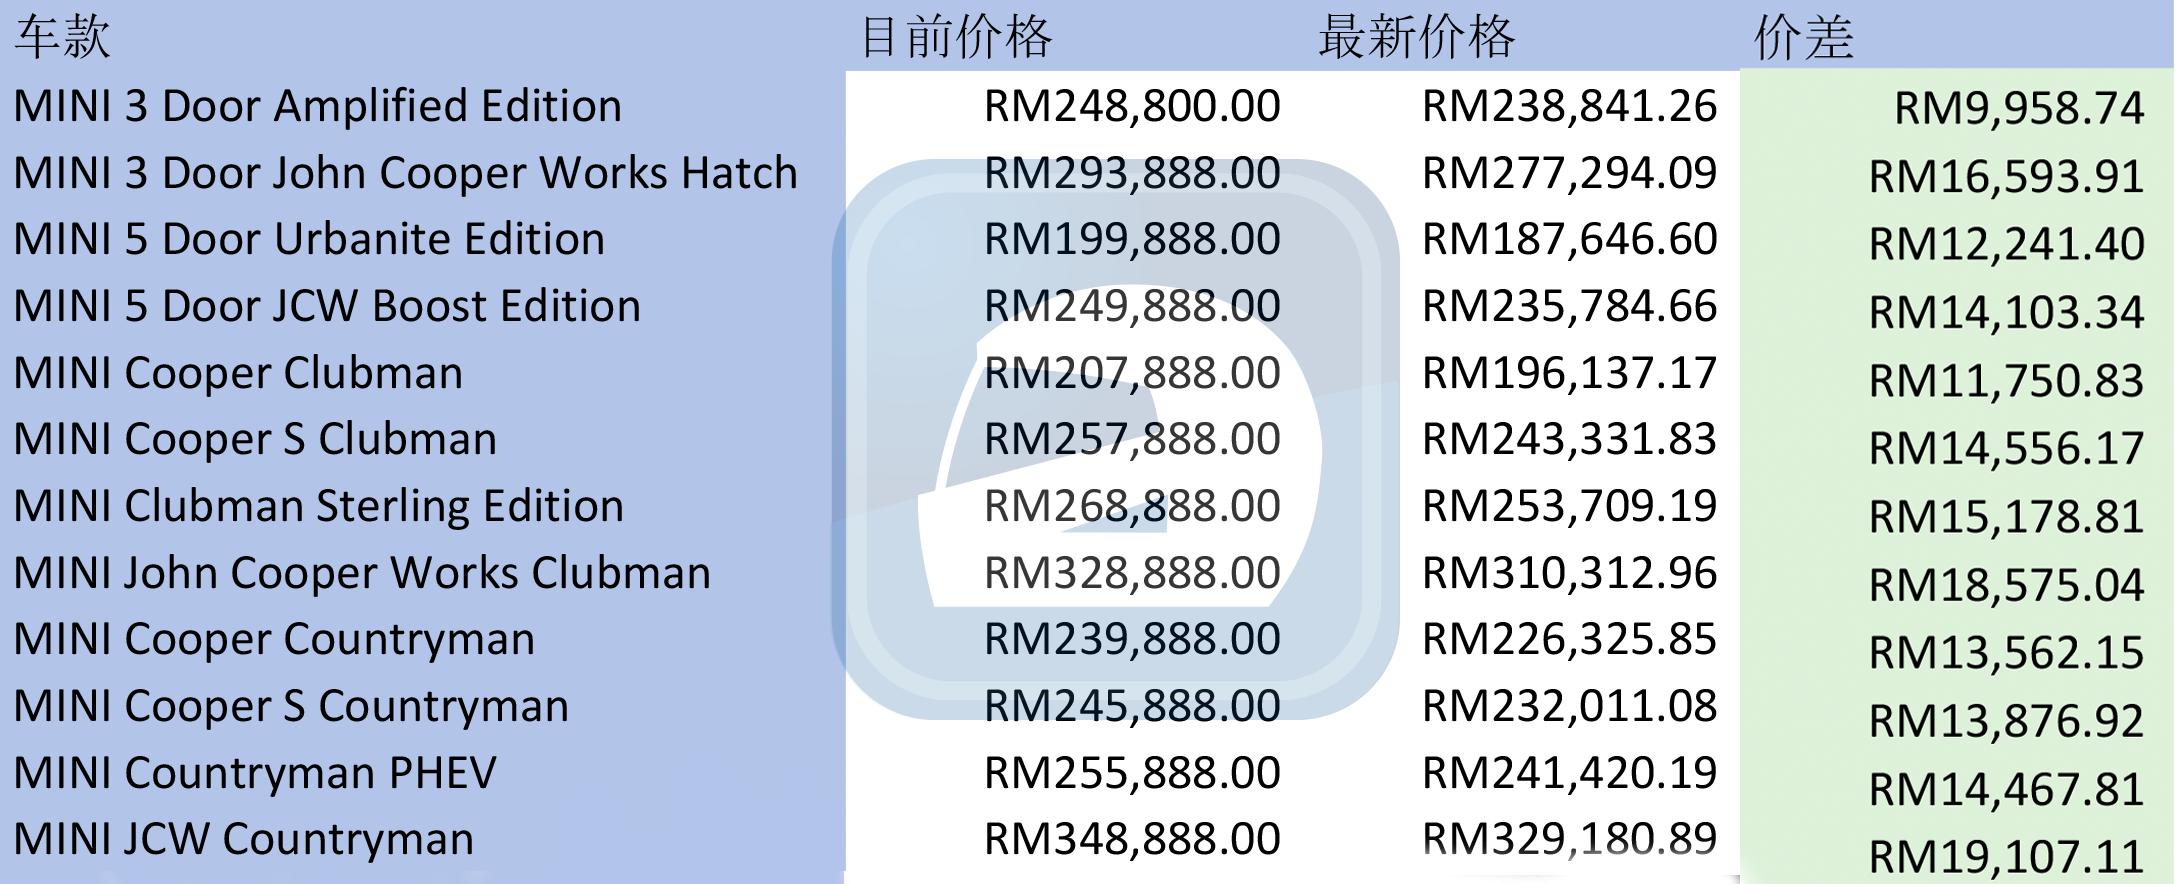 MINI Malaysia 公布最新车价,现在的 MINI 更亲民!